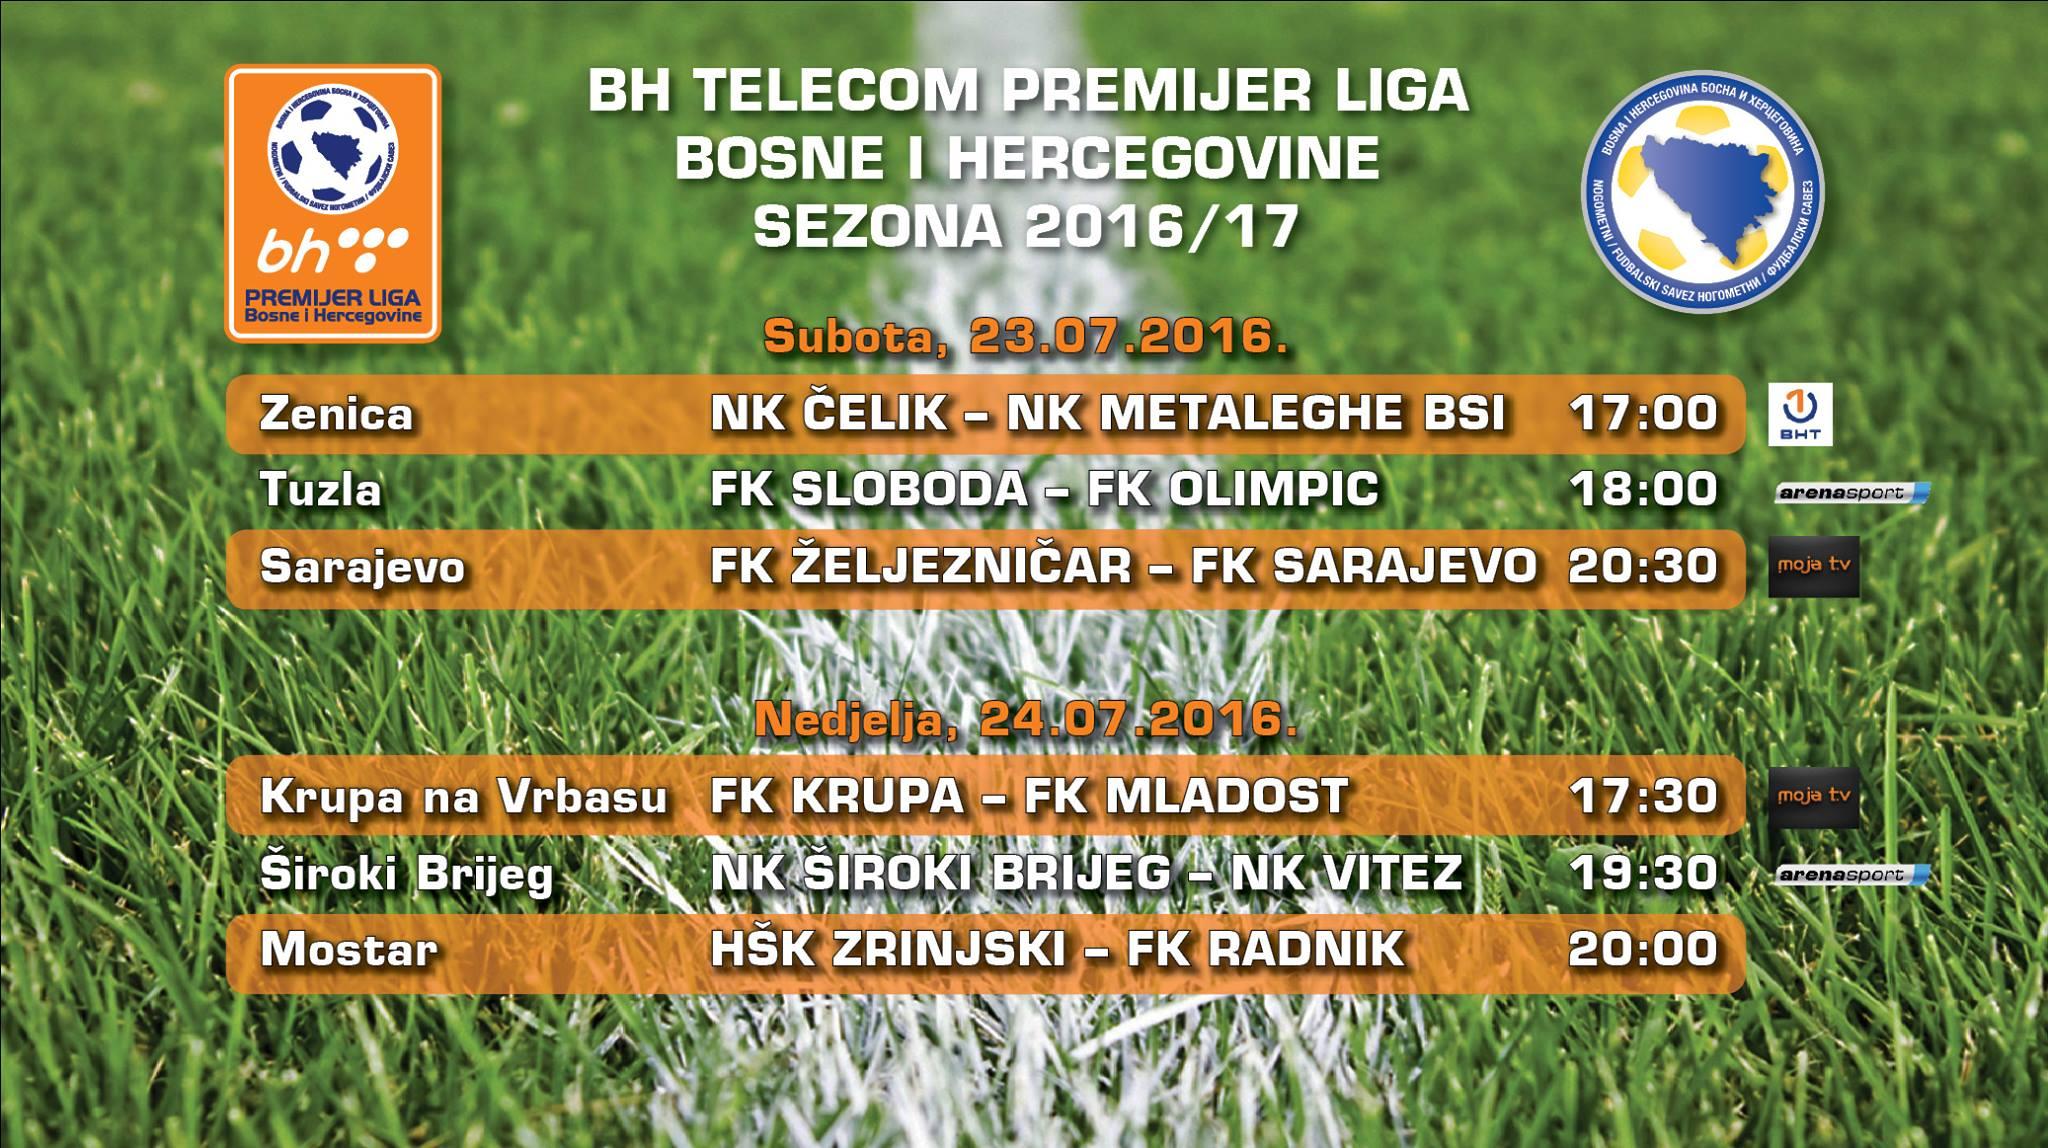 Ovog vikenda počinje nova sezona BH Telecom Premijer lige